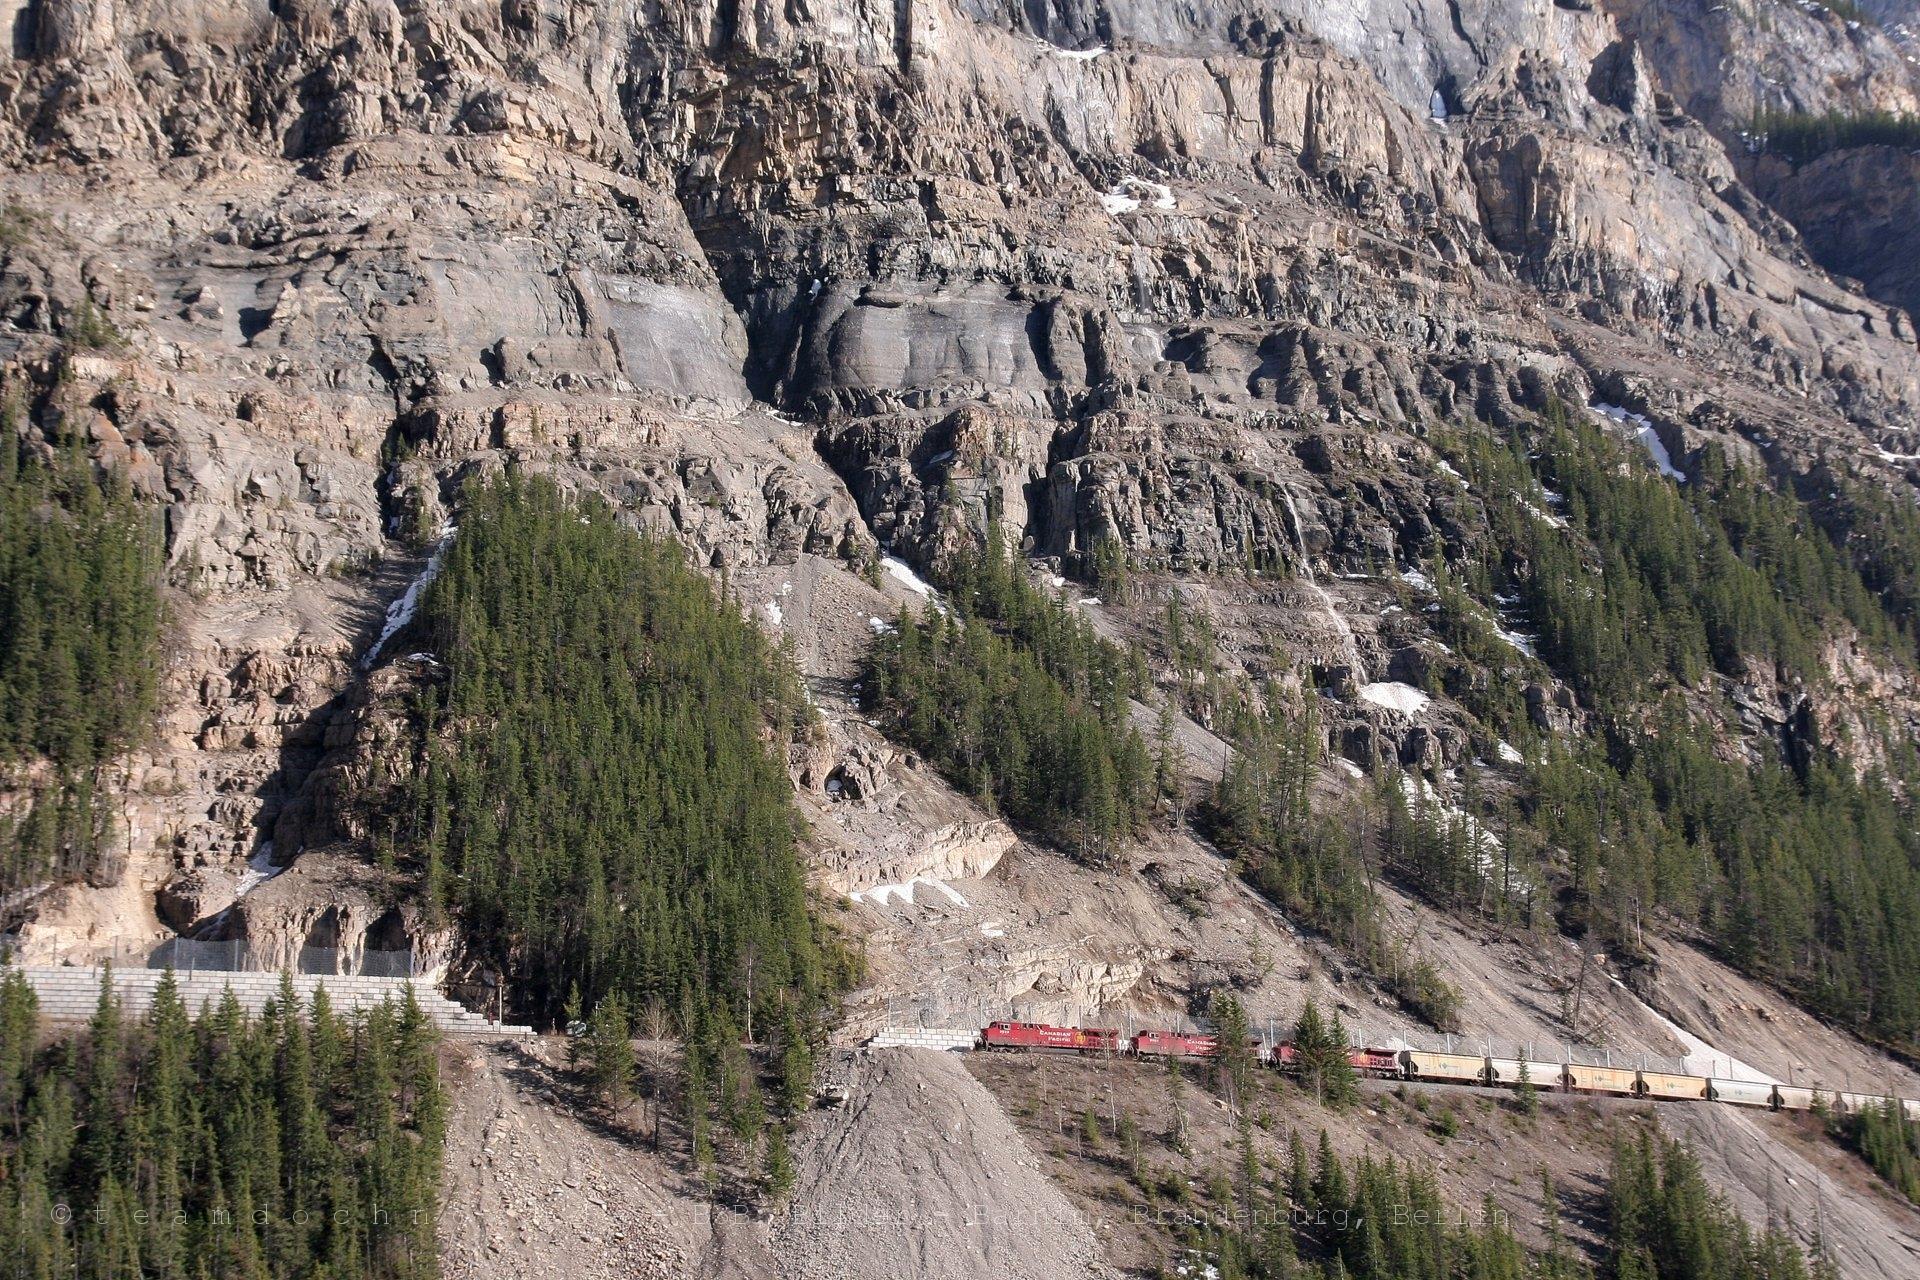 Ein Canadian Pacific Dreier auf dem Weg zum Kicking Horse Pass